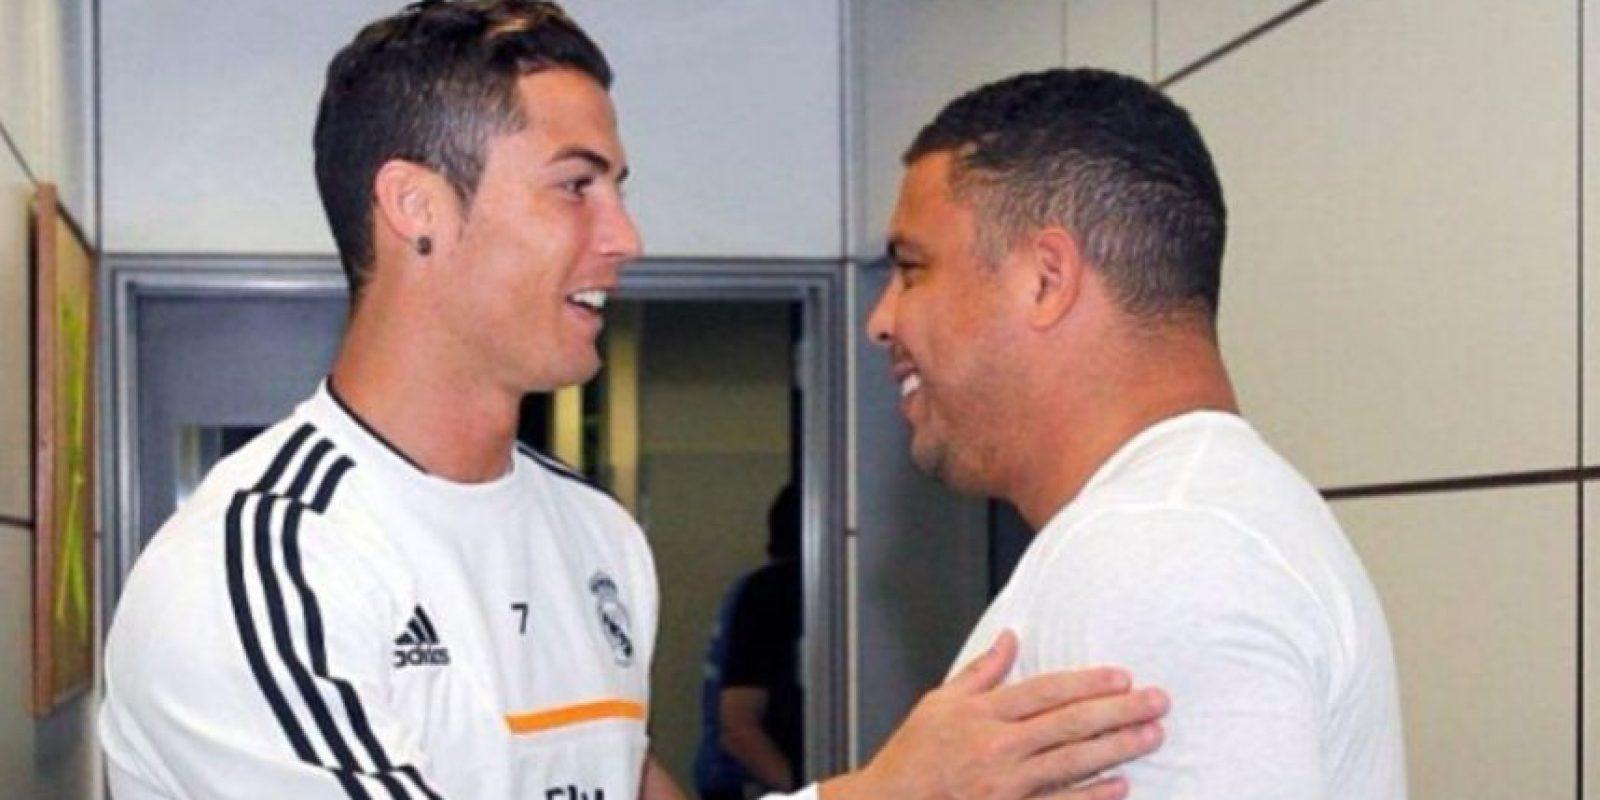 El astro brasileño Ronaldo, exfutbolista del Real Madrid, confesó su admiración por Cristiano, actual estrella del club merengue. Foto:Vía instagram.com/ronaldolima